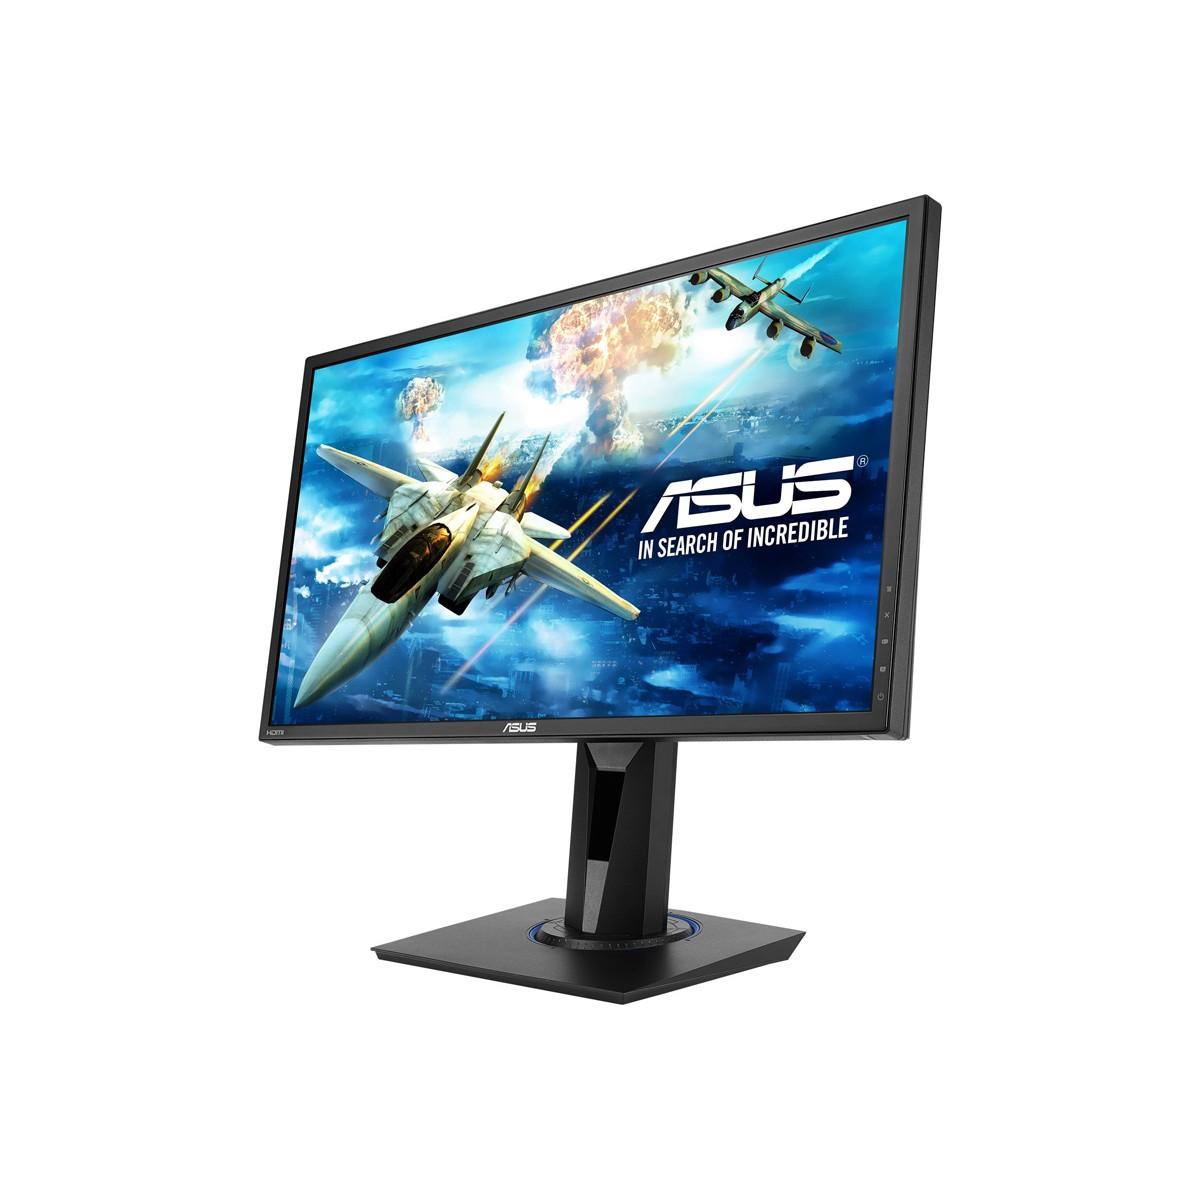 ASUS VG245H 24'' 75HZ 1MS 1080P Gaming Monitor